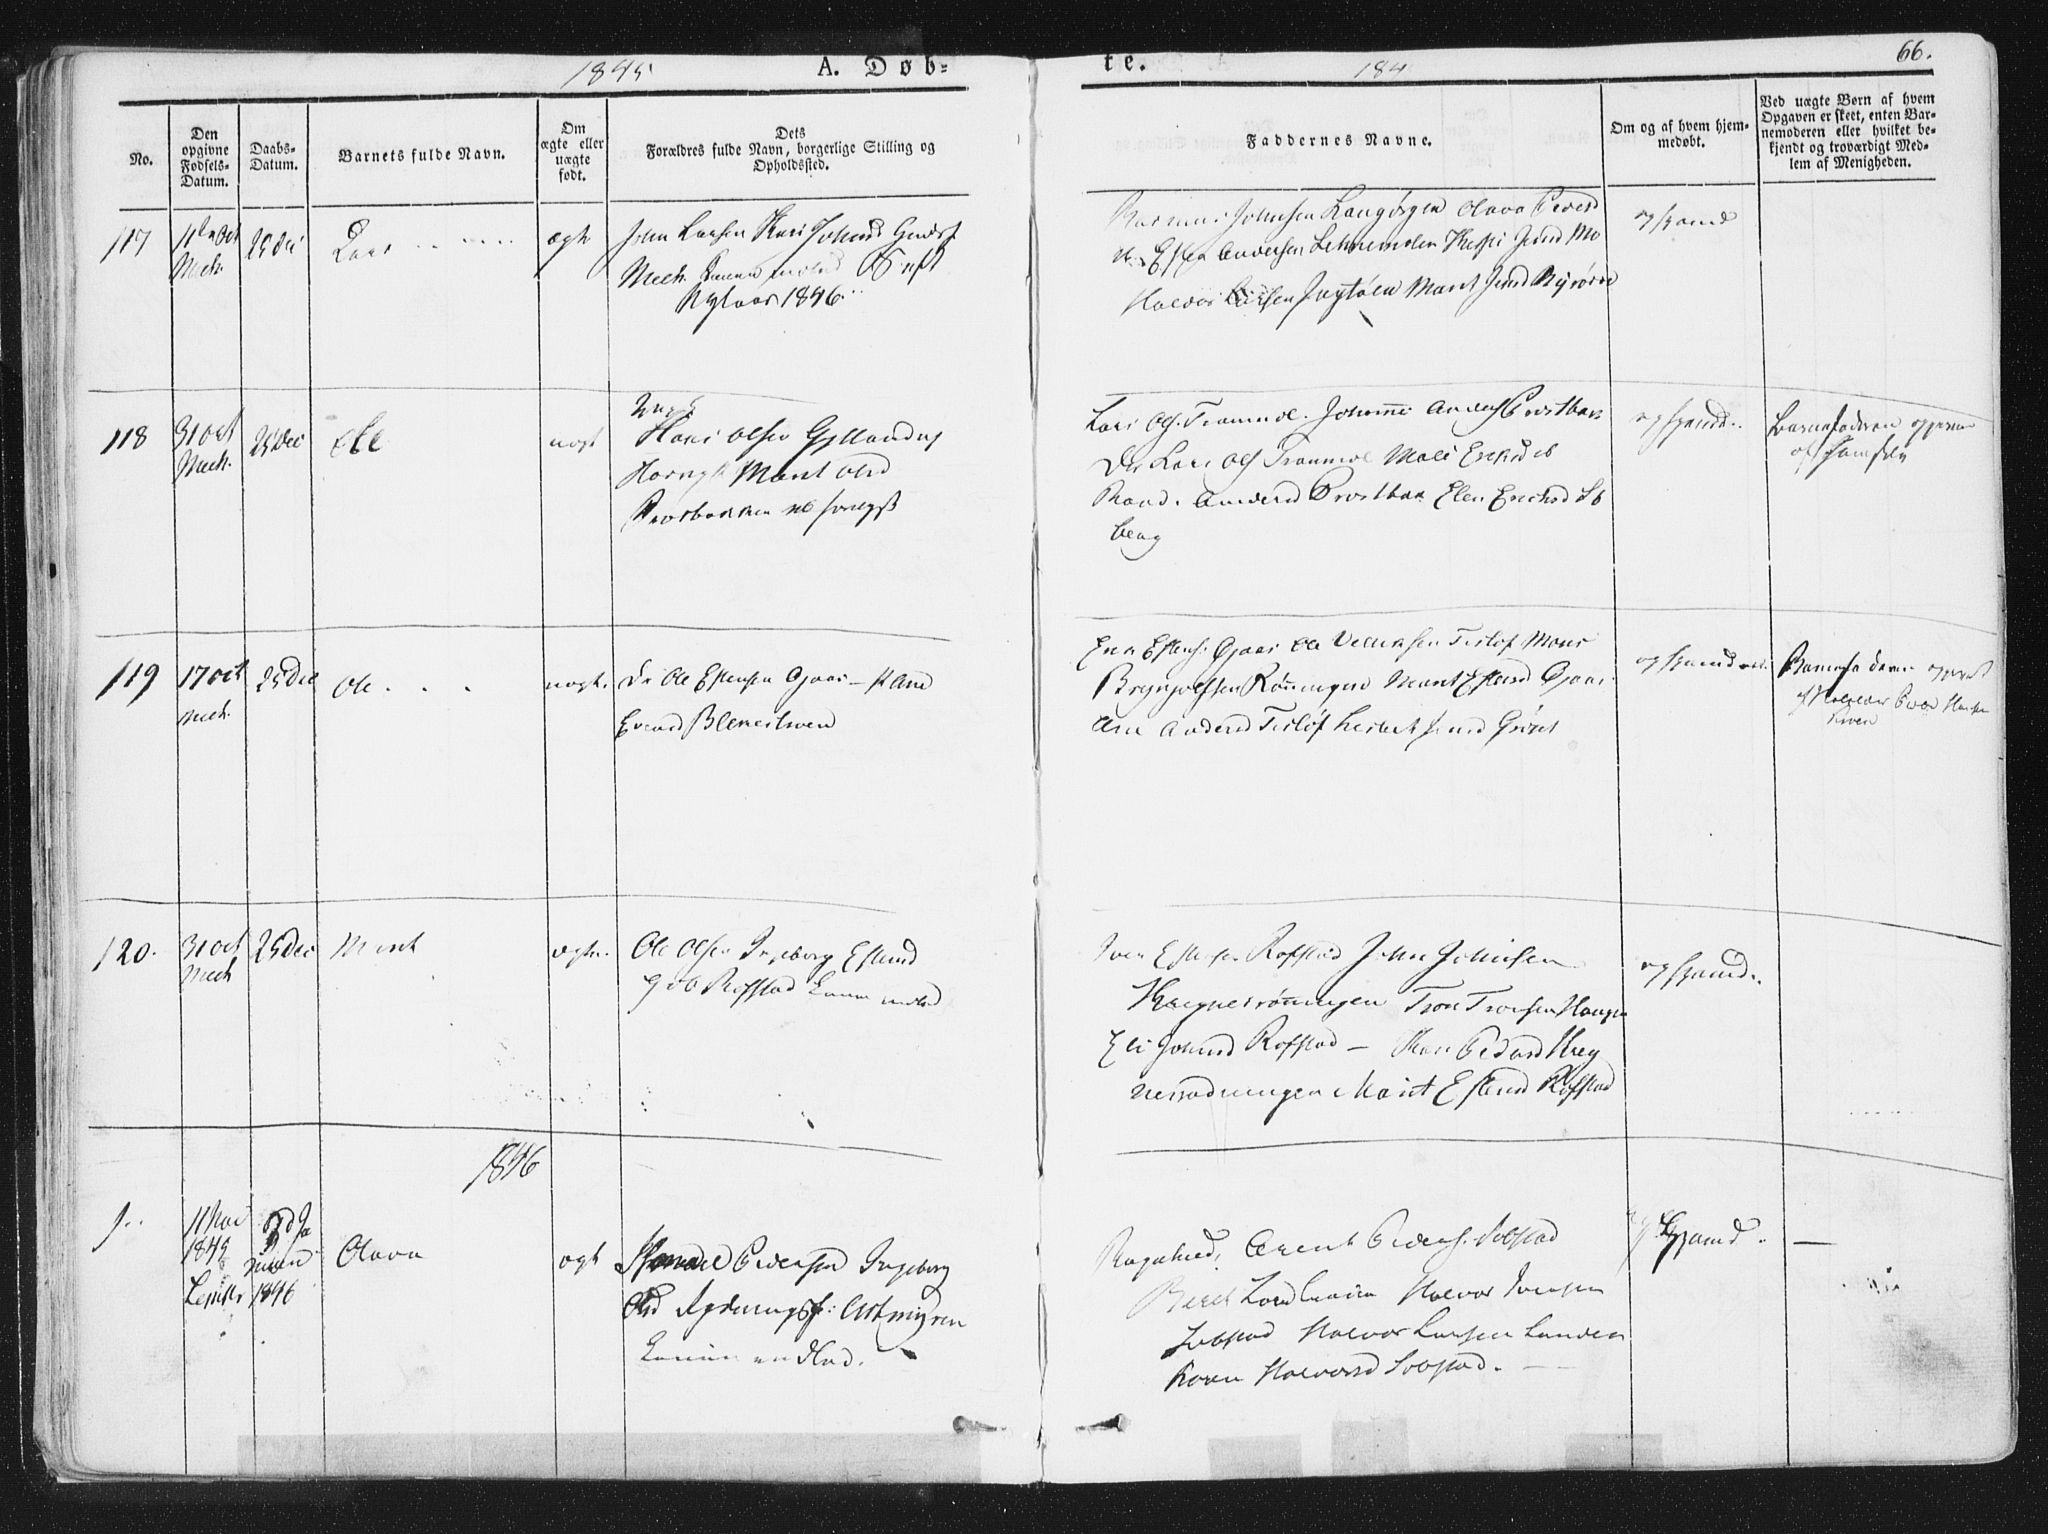 SAT, Ministerialprotokoller, klokkerbøker og fødselsregistre - Sør-Trøndelag, 691/L1074: Ministerialbok nr. 691A06, 1842-1852, s. 66